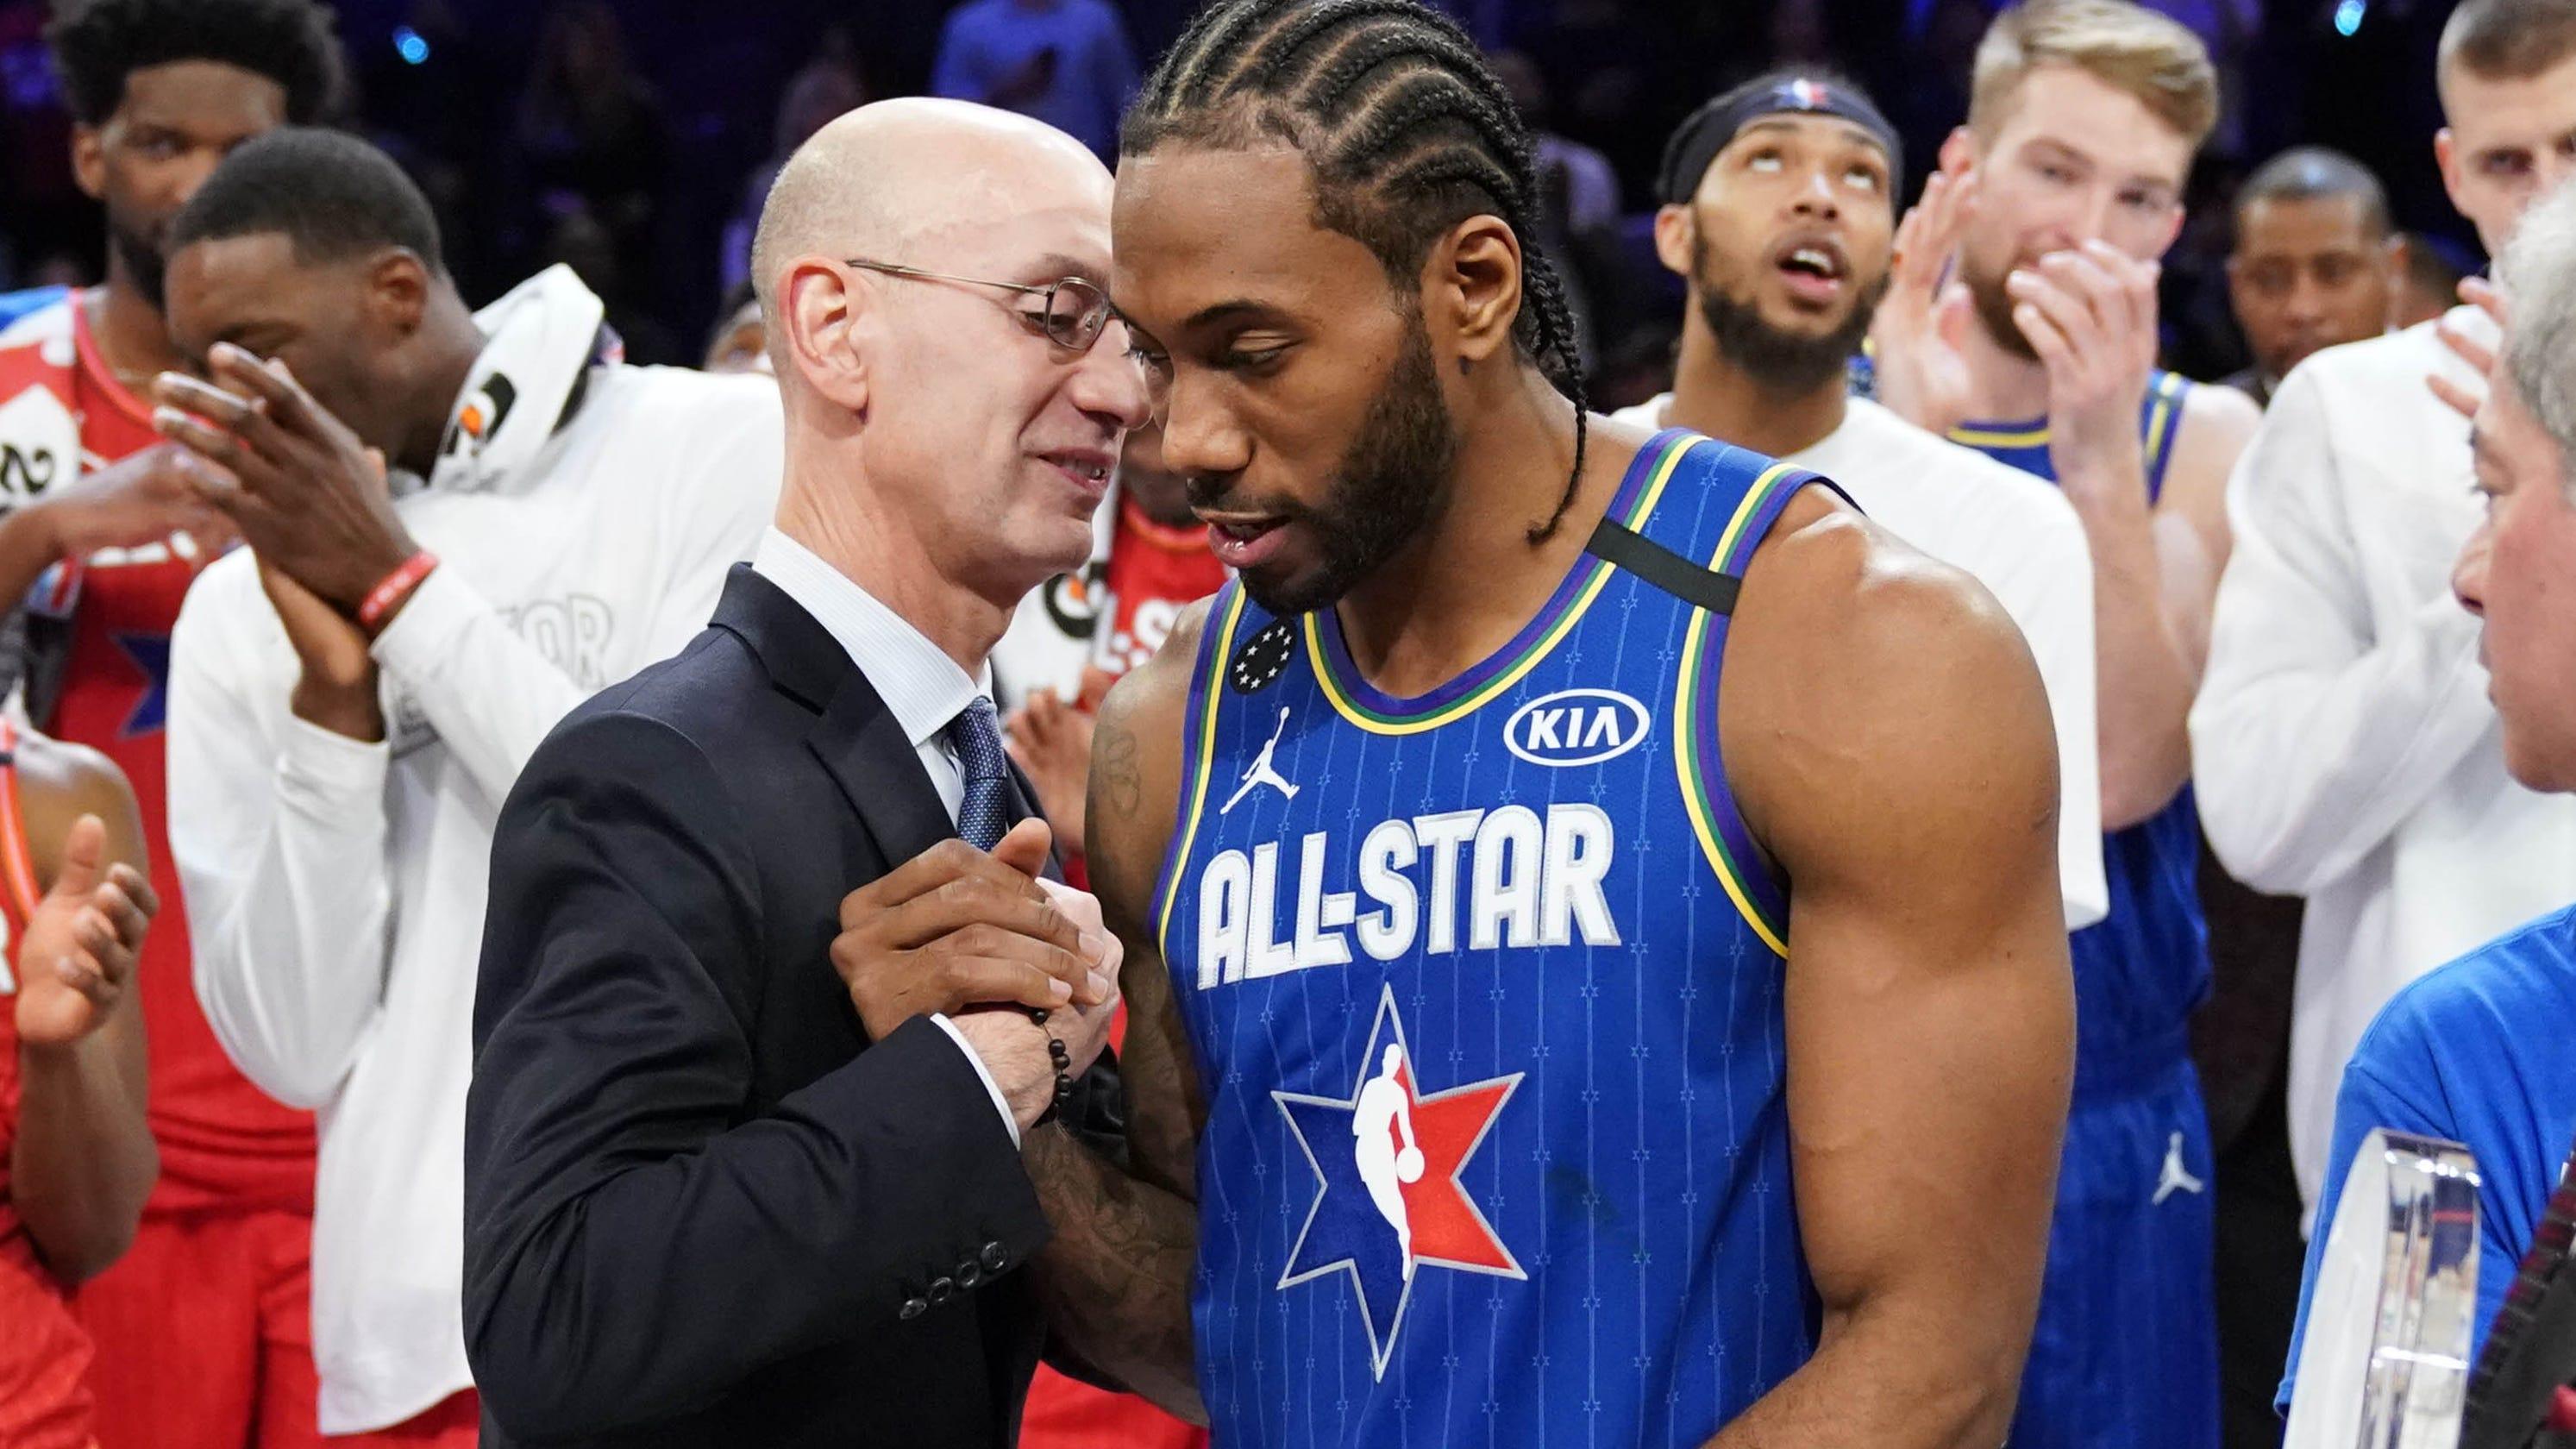 NBA, Disney discussing plan to resume season in July at Florida site